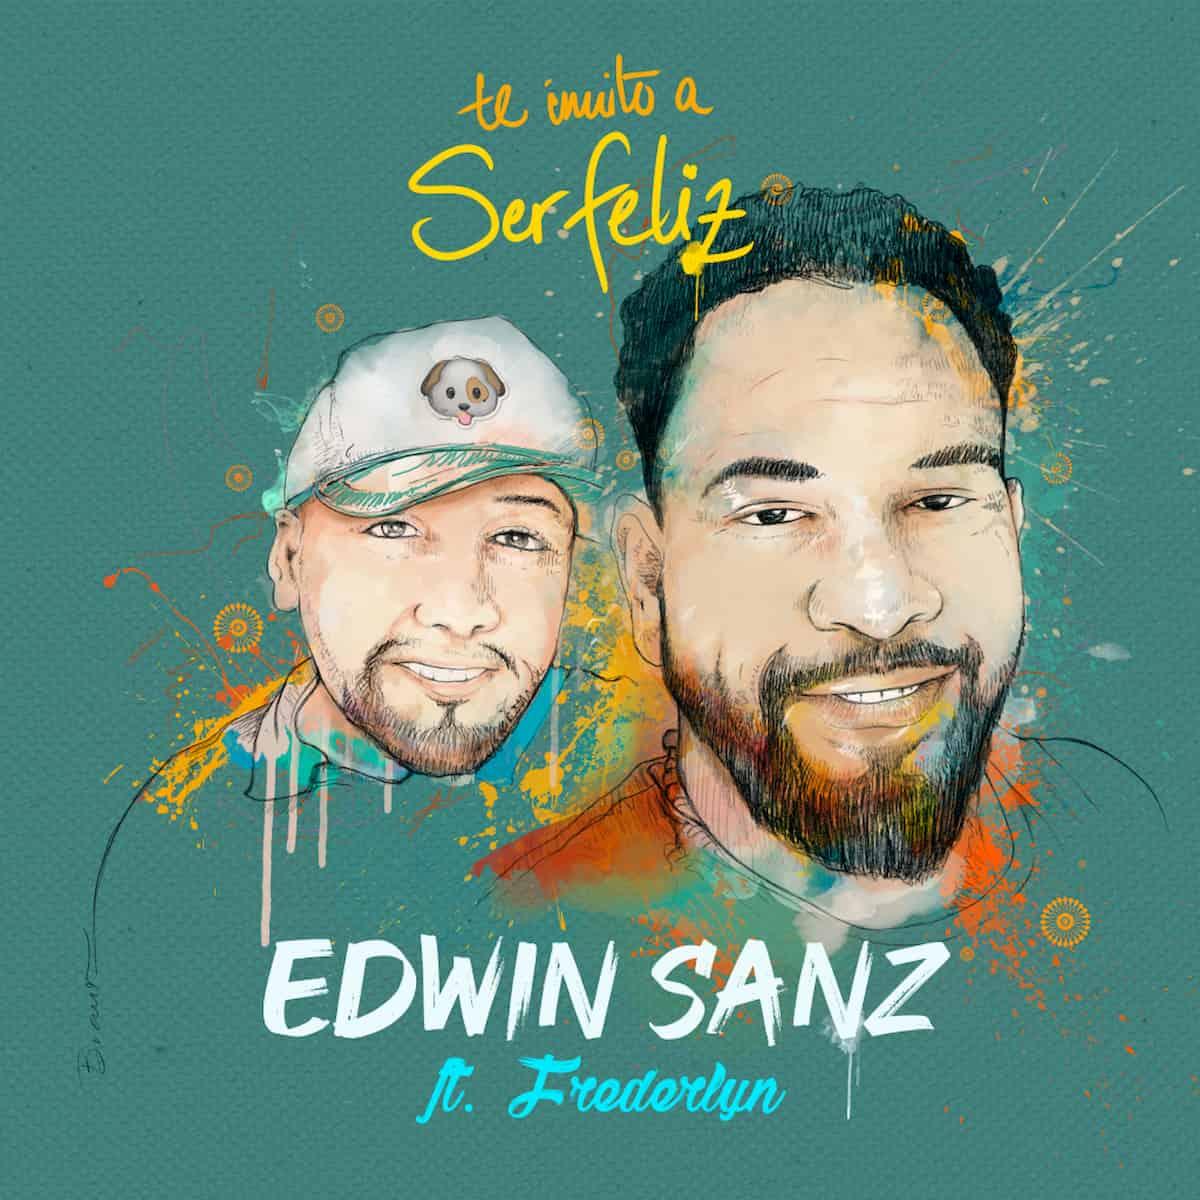 Neues Salsa-Lied von Edwin Sanz Te Invito A Ser Feliz veröffentlicht